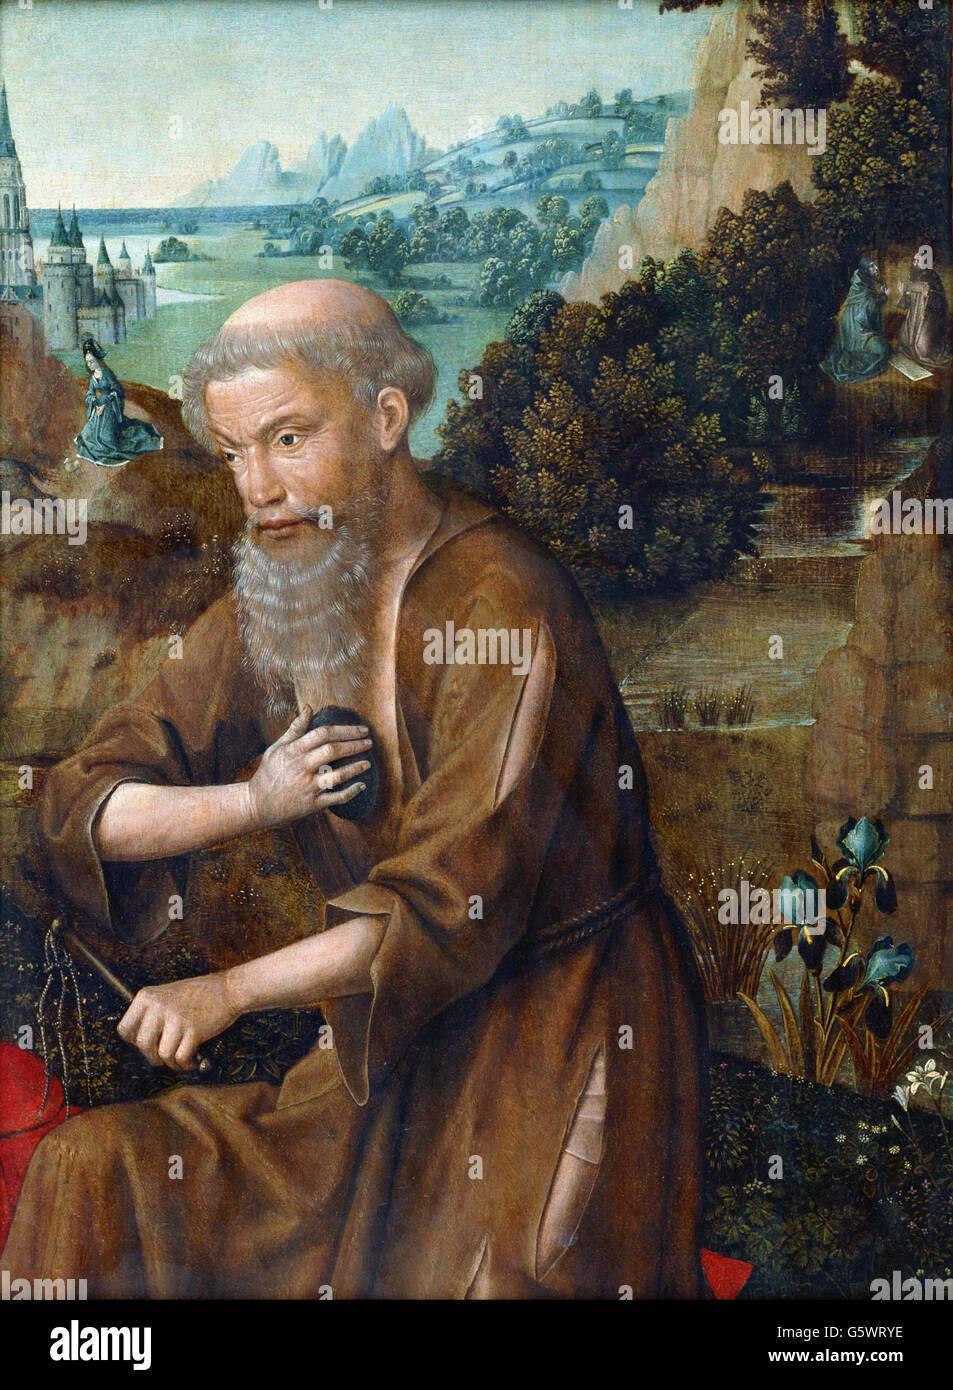 Maestro della leggenda di Santa Lucia - San Girolamo - Immagini Stock